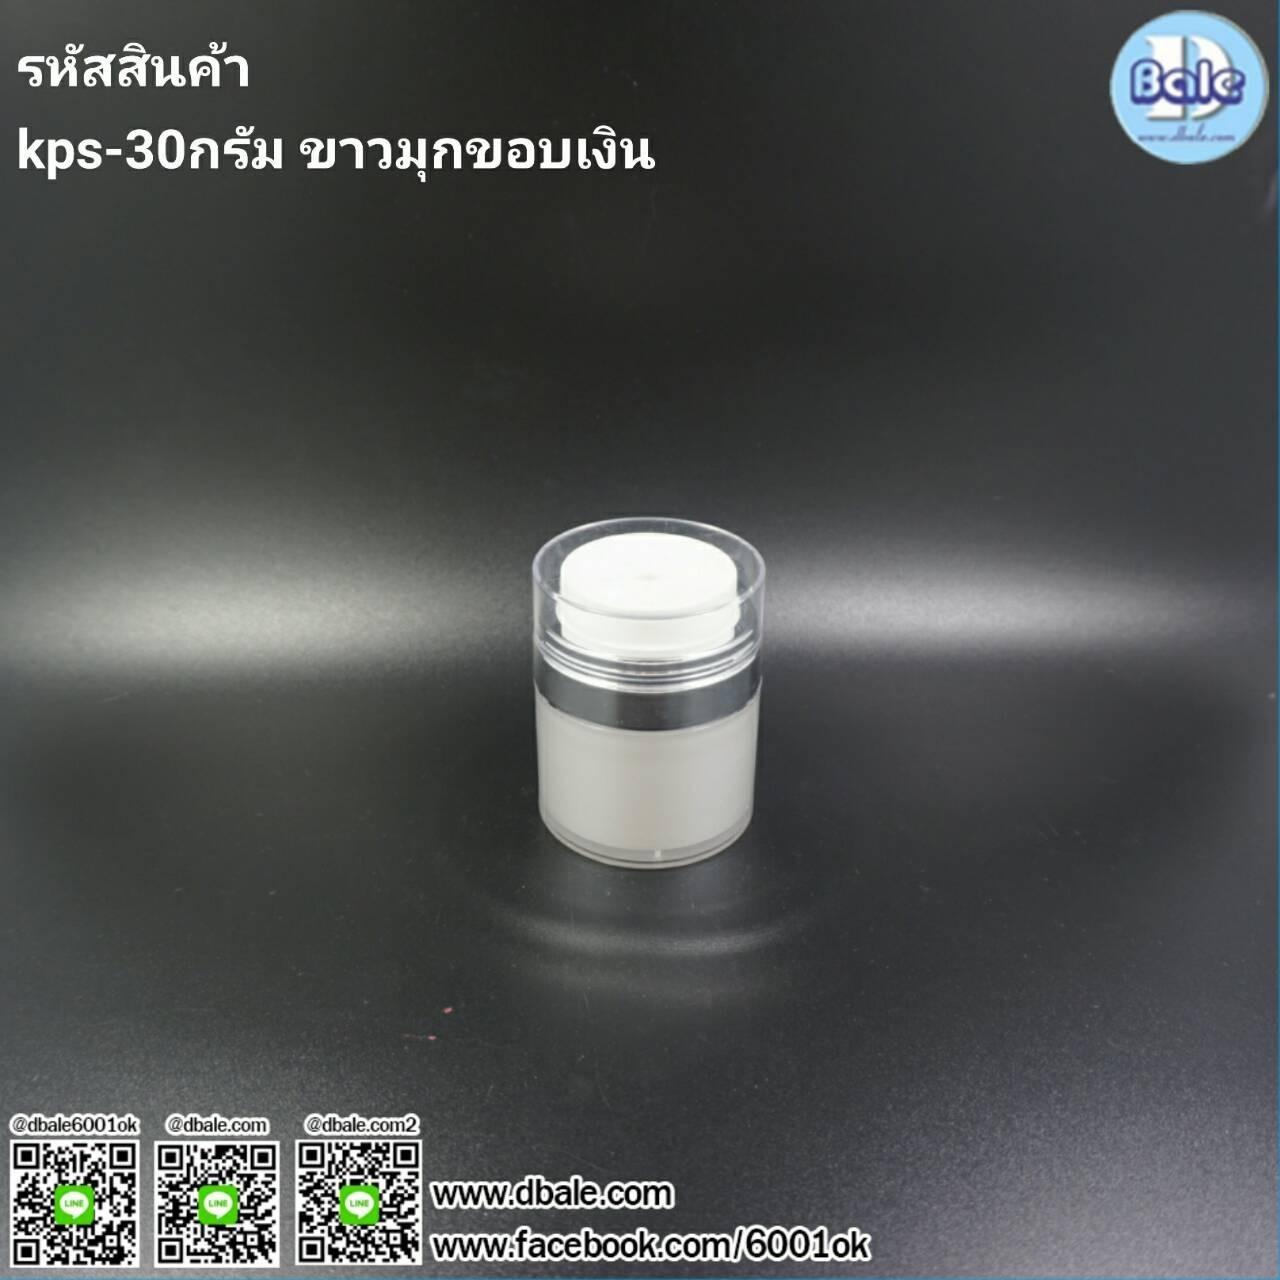 กระปุกสูญญากาศ กระปุกสเนล กระปุกครีม กระปุกเซรั่ม  kps 15g 30g